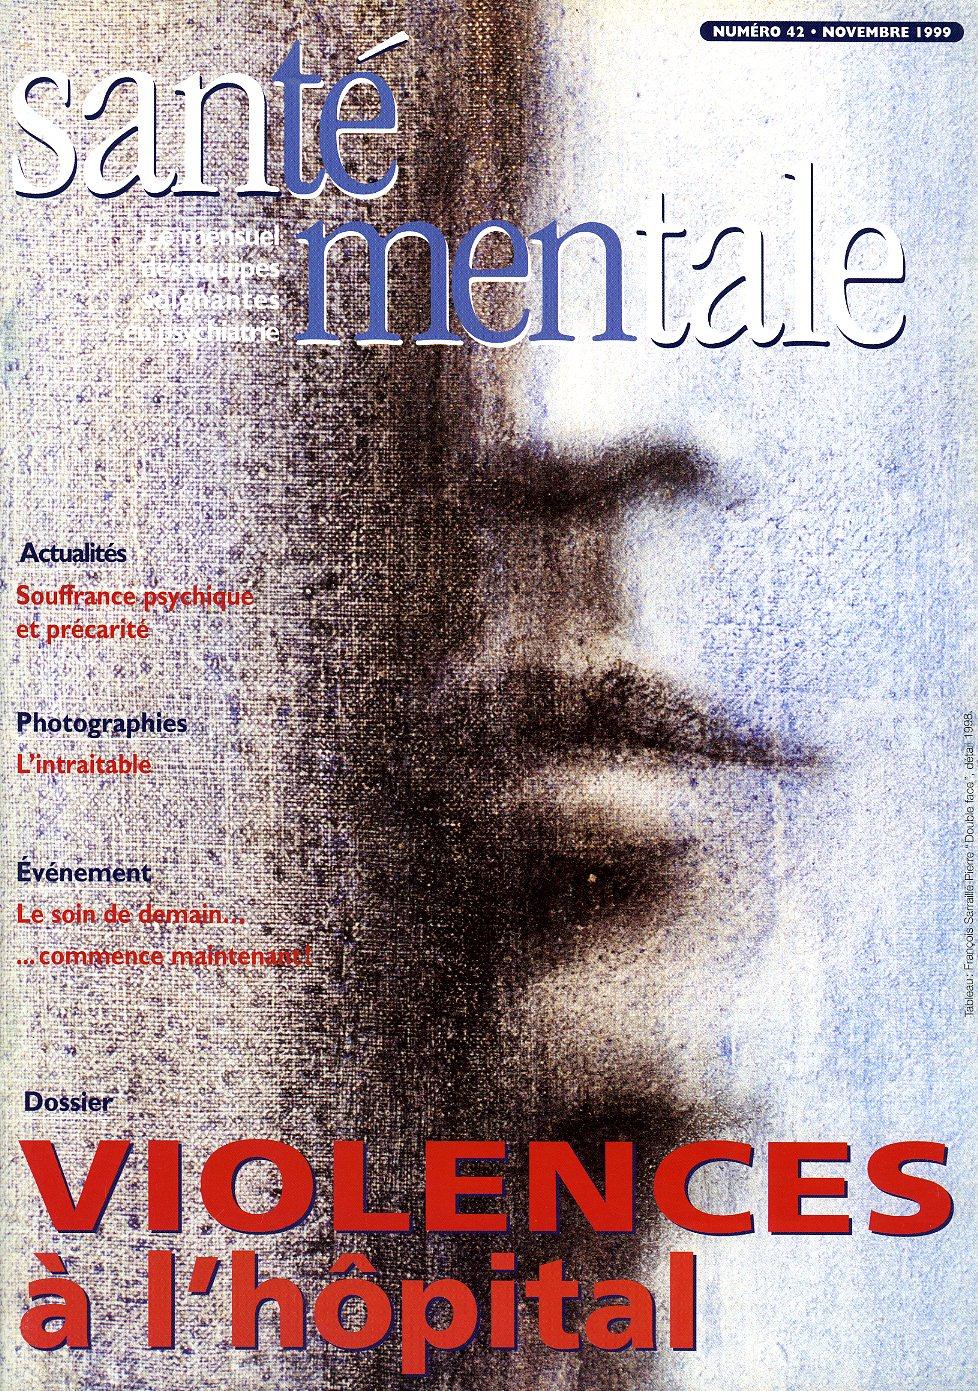 Couverture N°42 novembre 1999